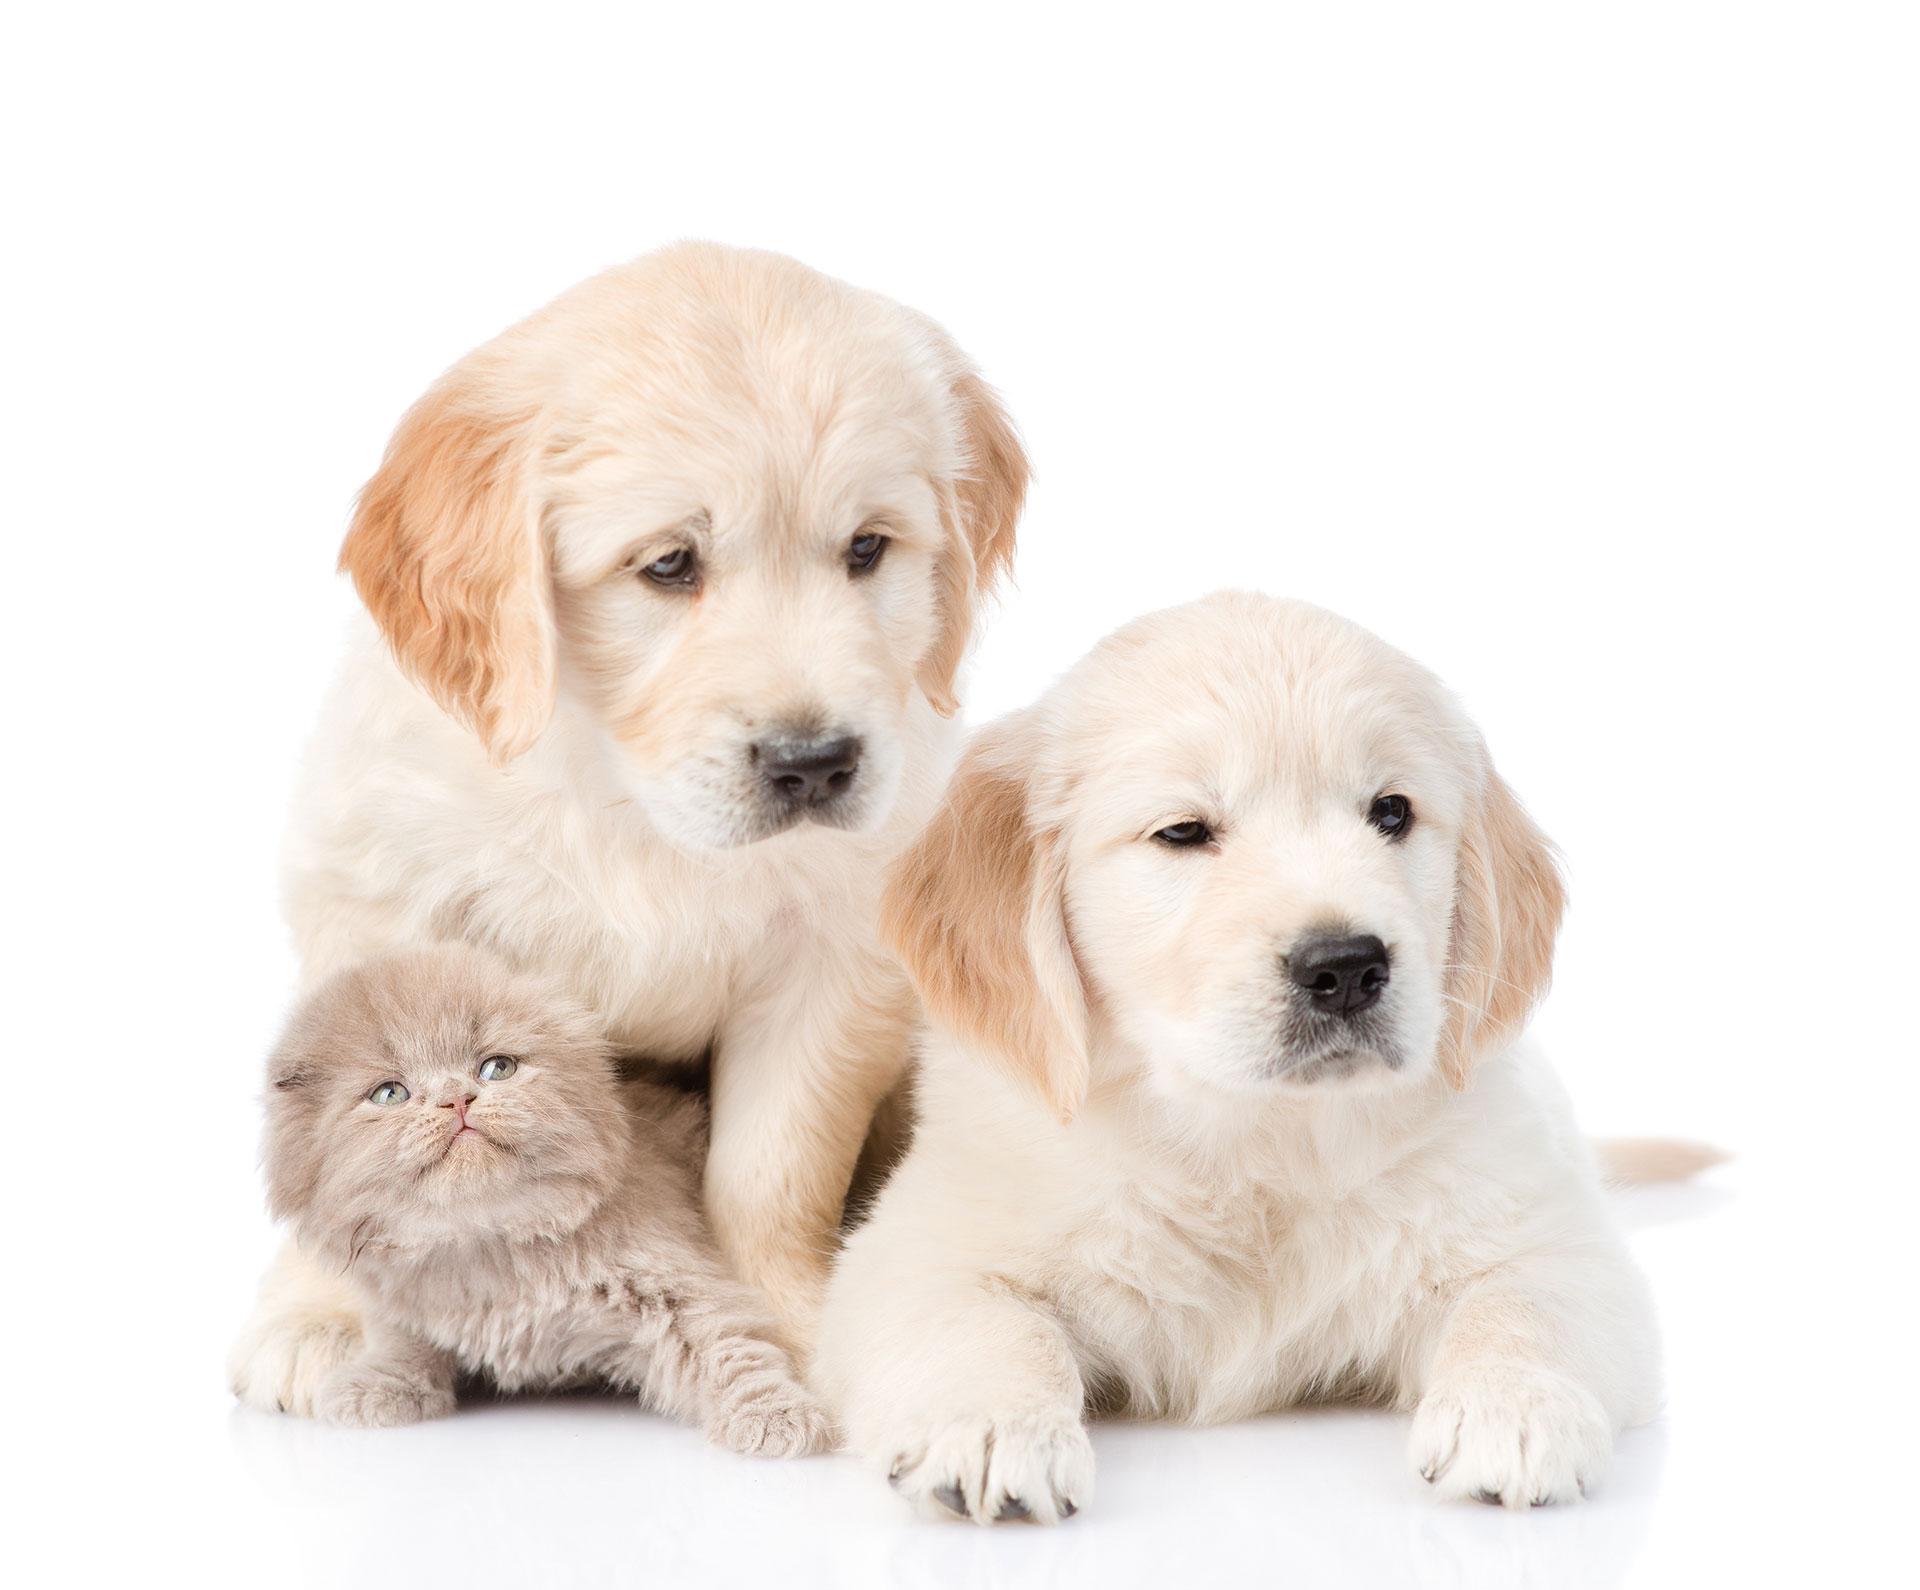 Animali 2 cani e 1 gatto